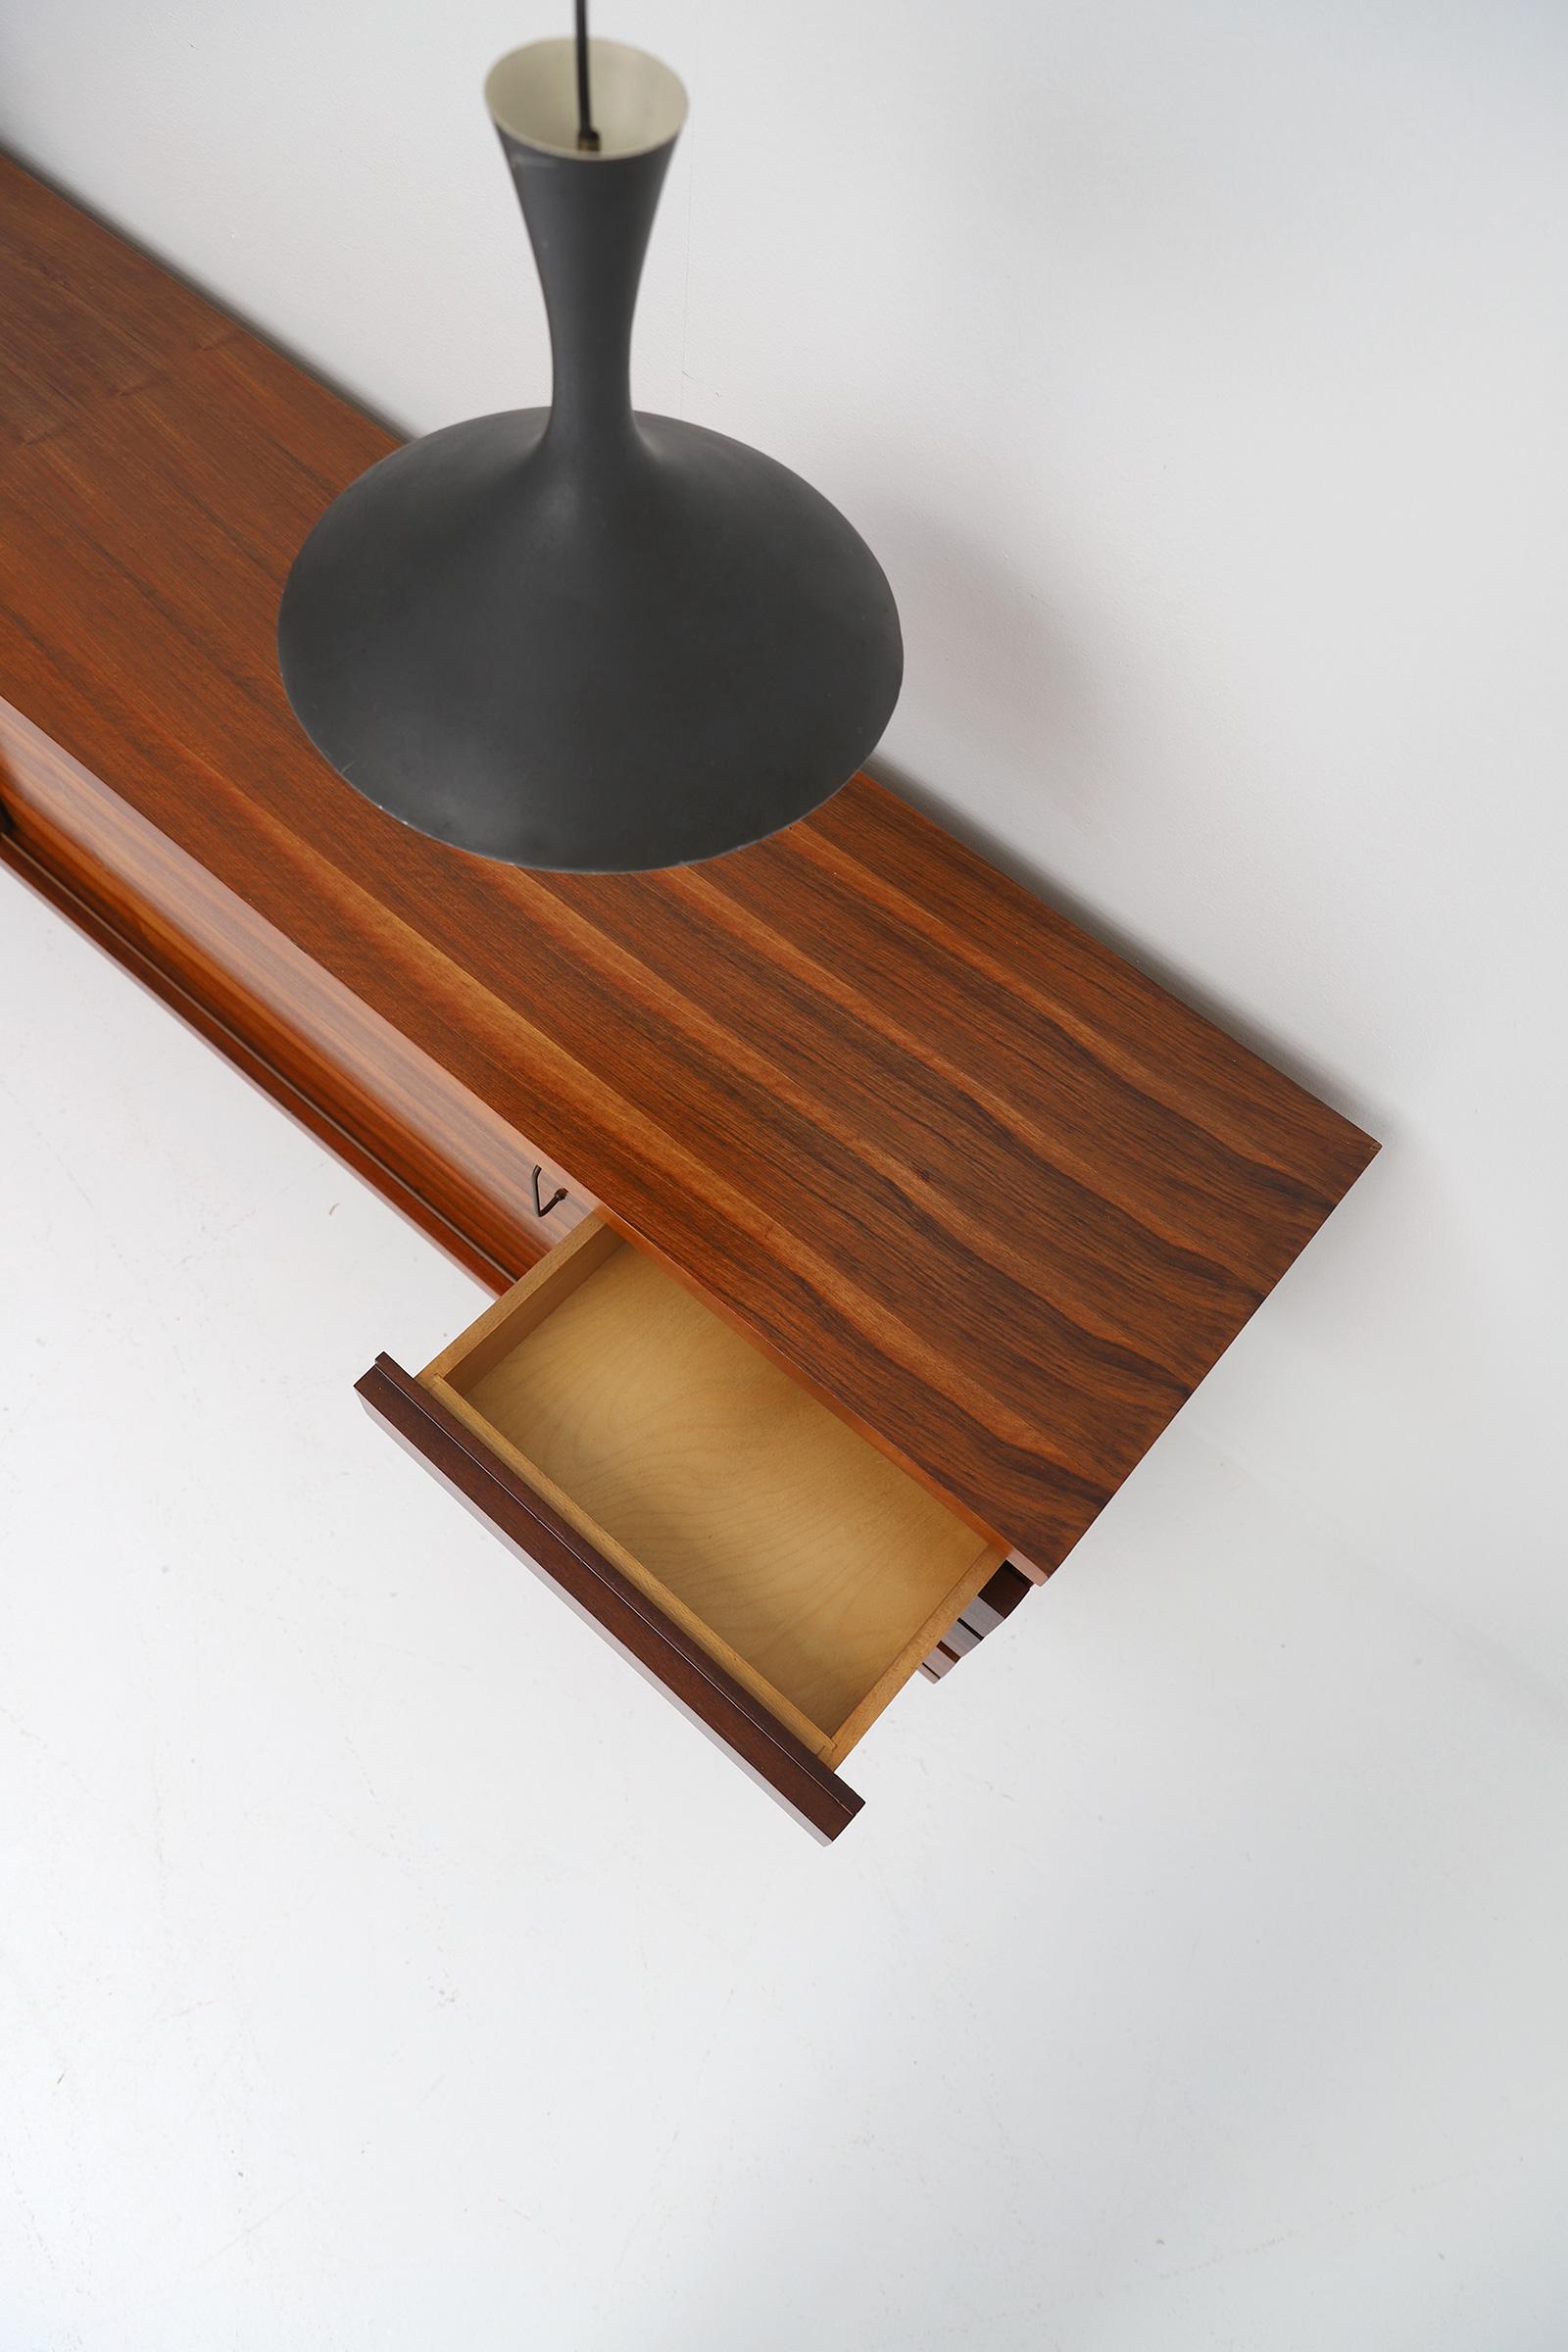 Luxus Sideboard by Jos De Mey 1950simage 13